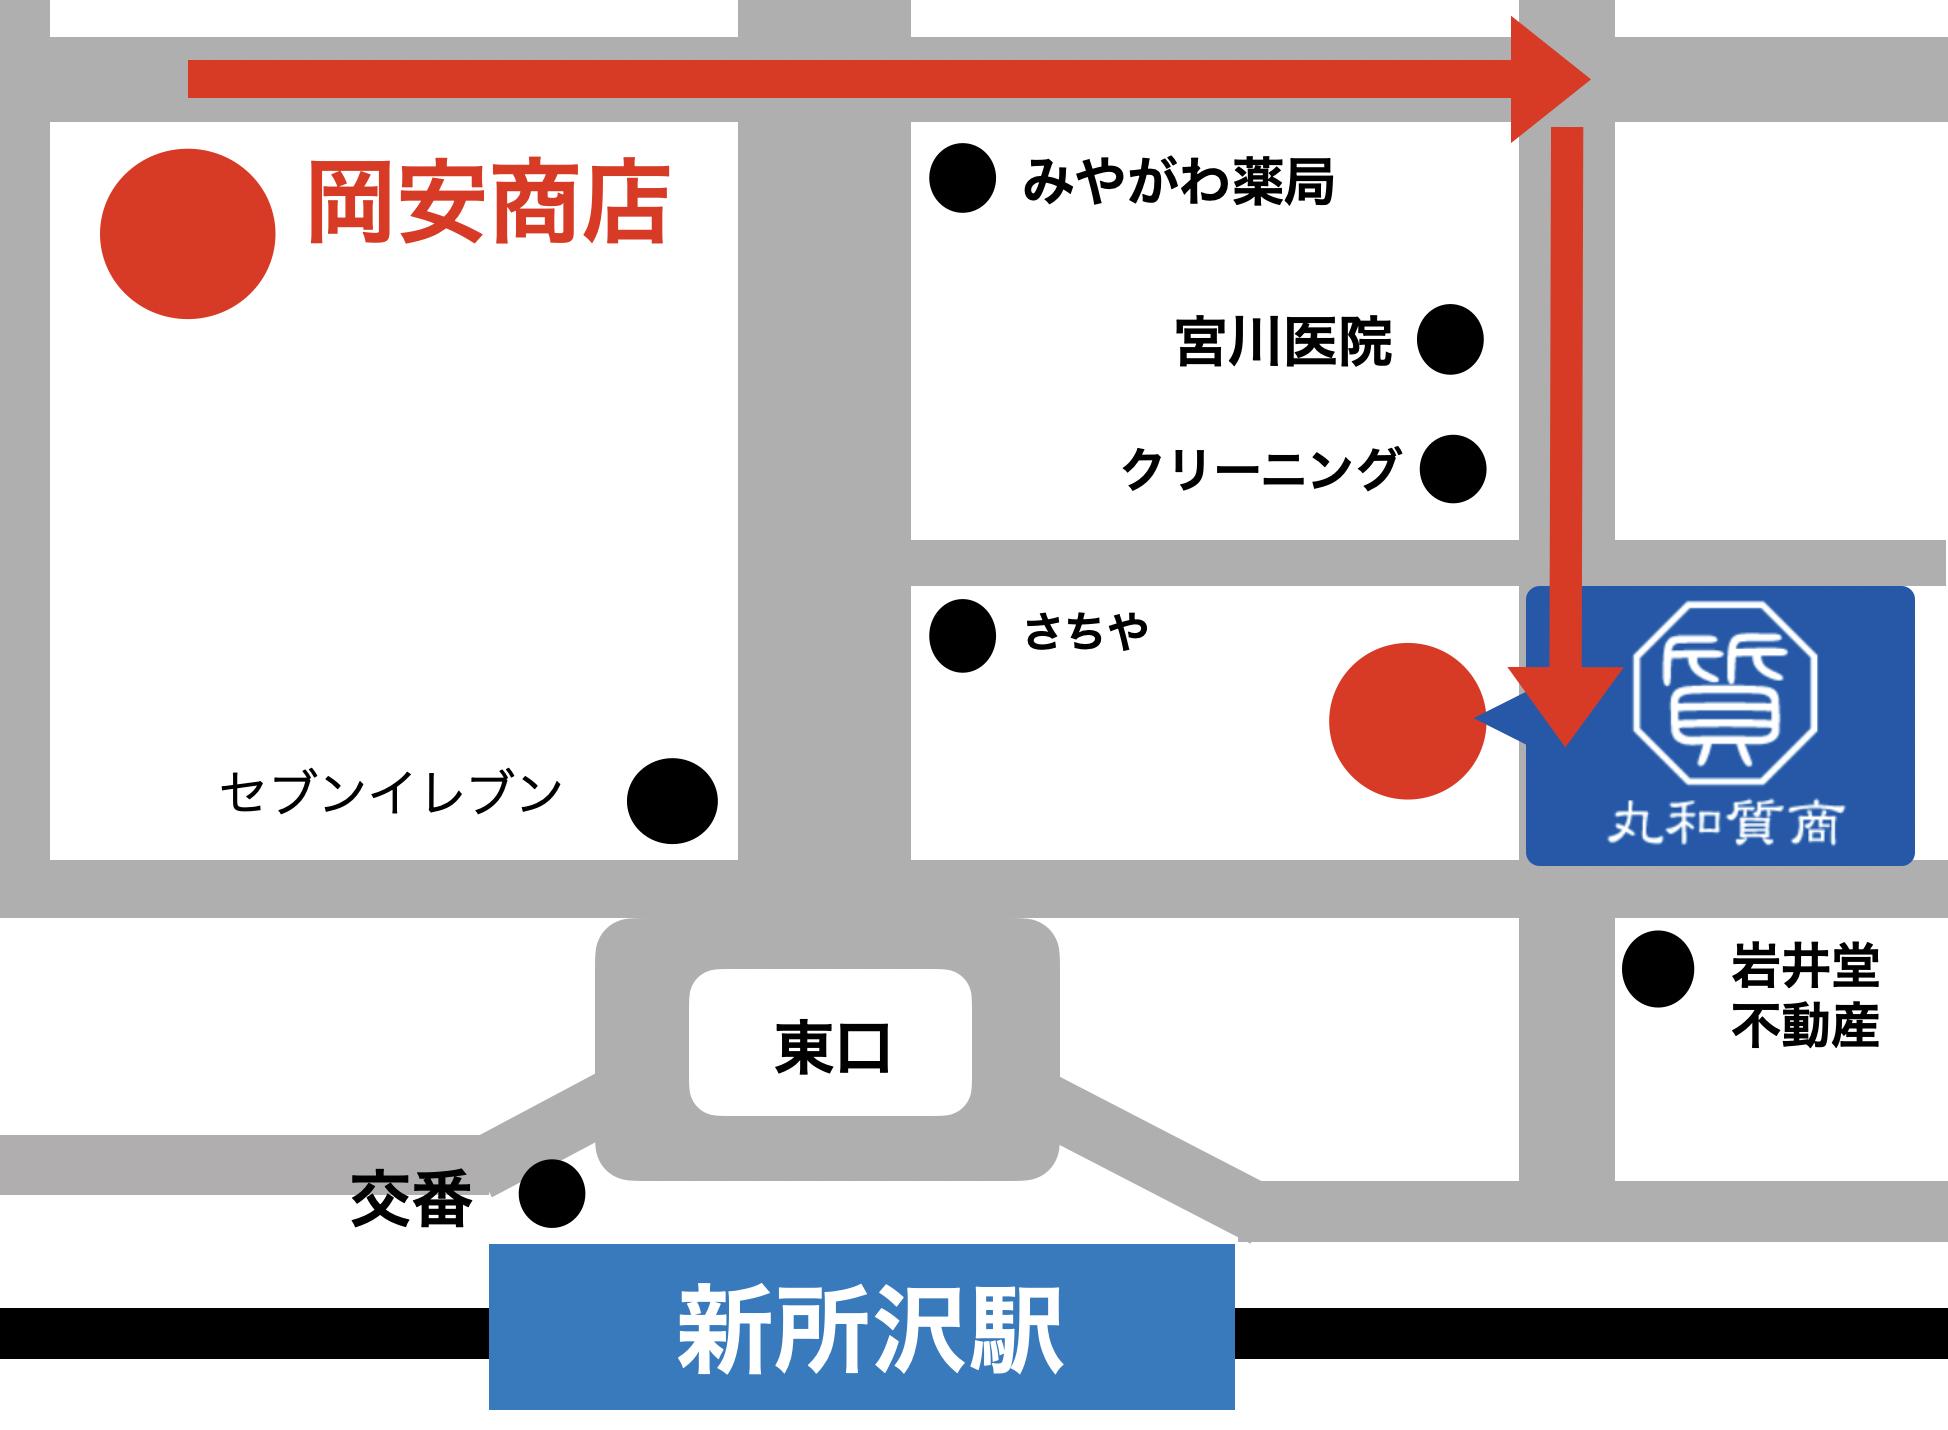 岡安商店(質店)の閉店の伴う業務提携について